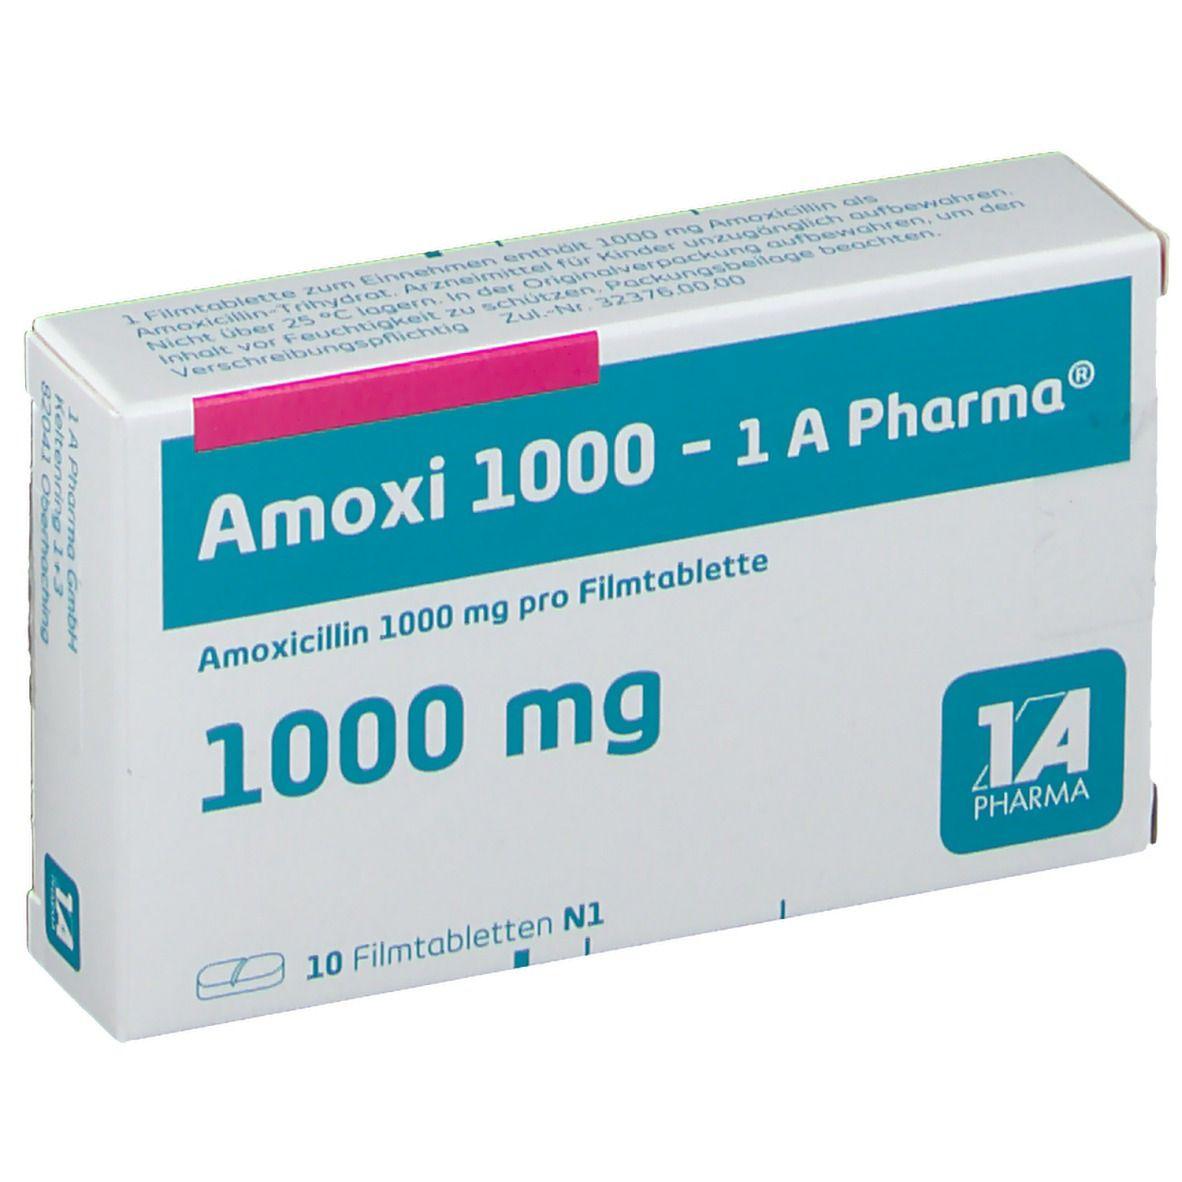 Amoxi 1000 1A Pharma® 10 St - shop-apotheke.com